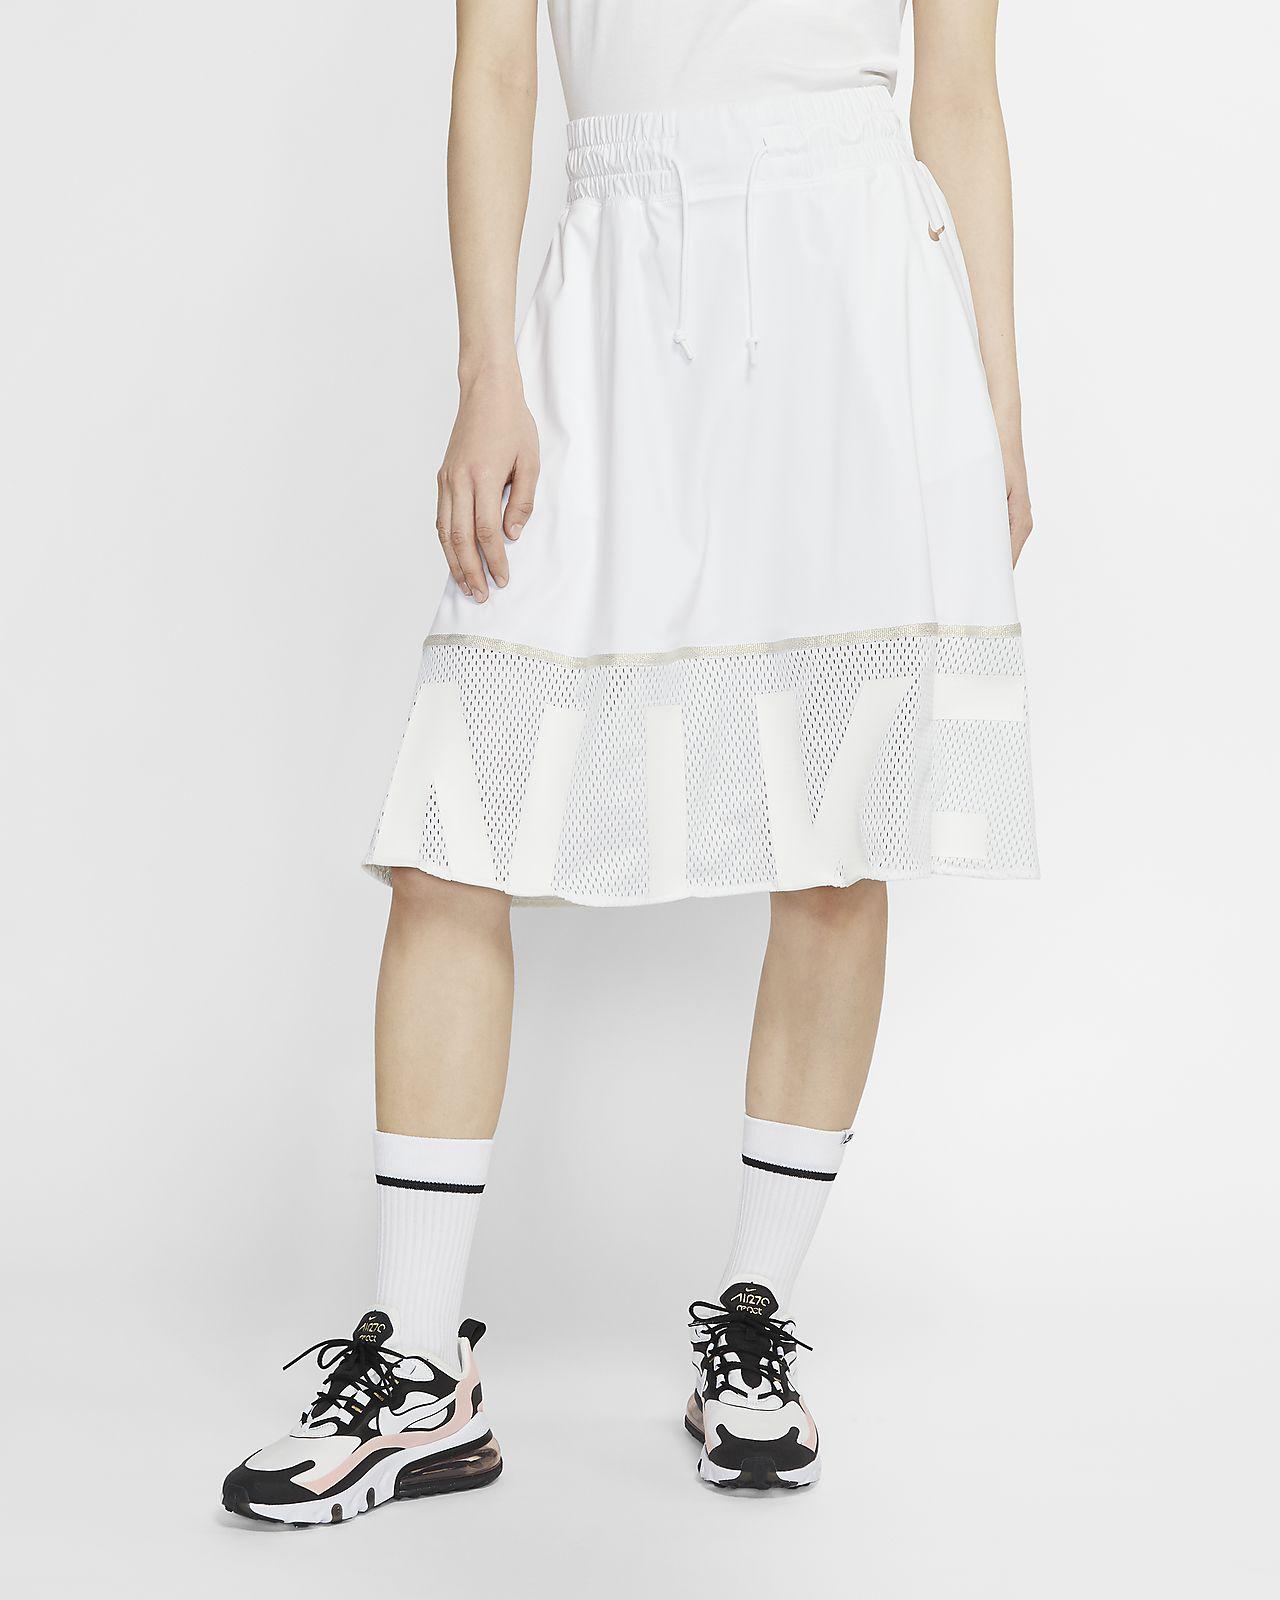 ナイキ スポーツウェア ウィメンズ メッシュ スカート